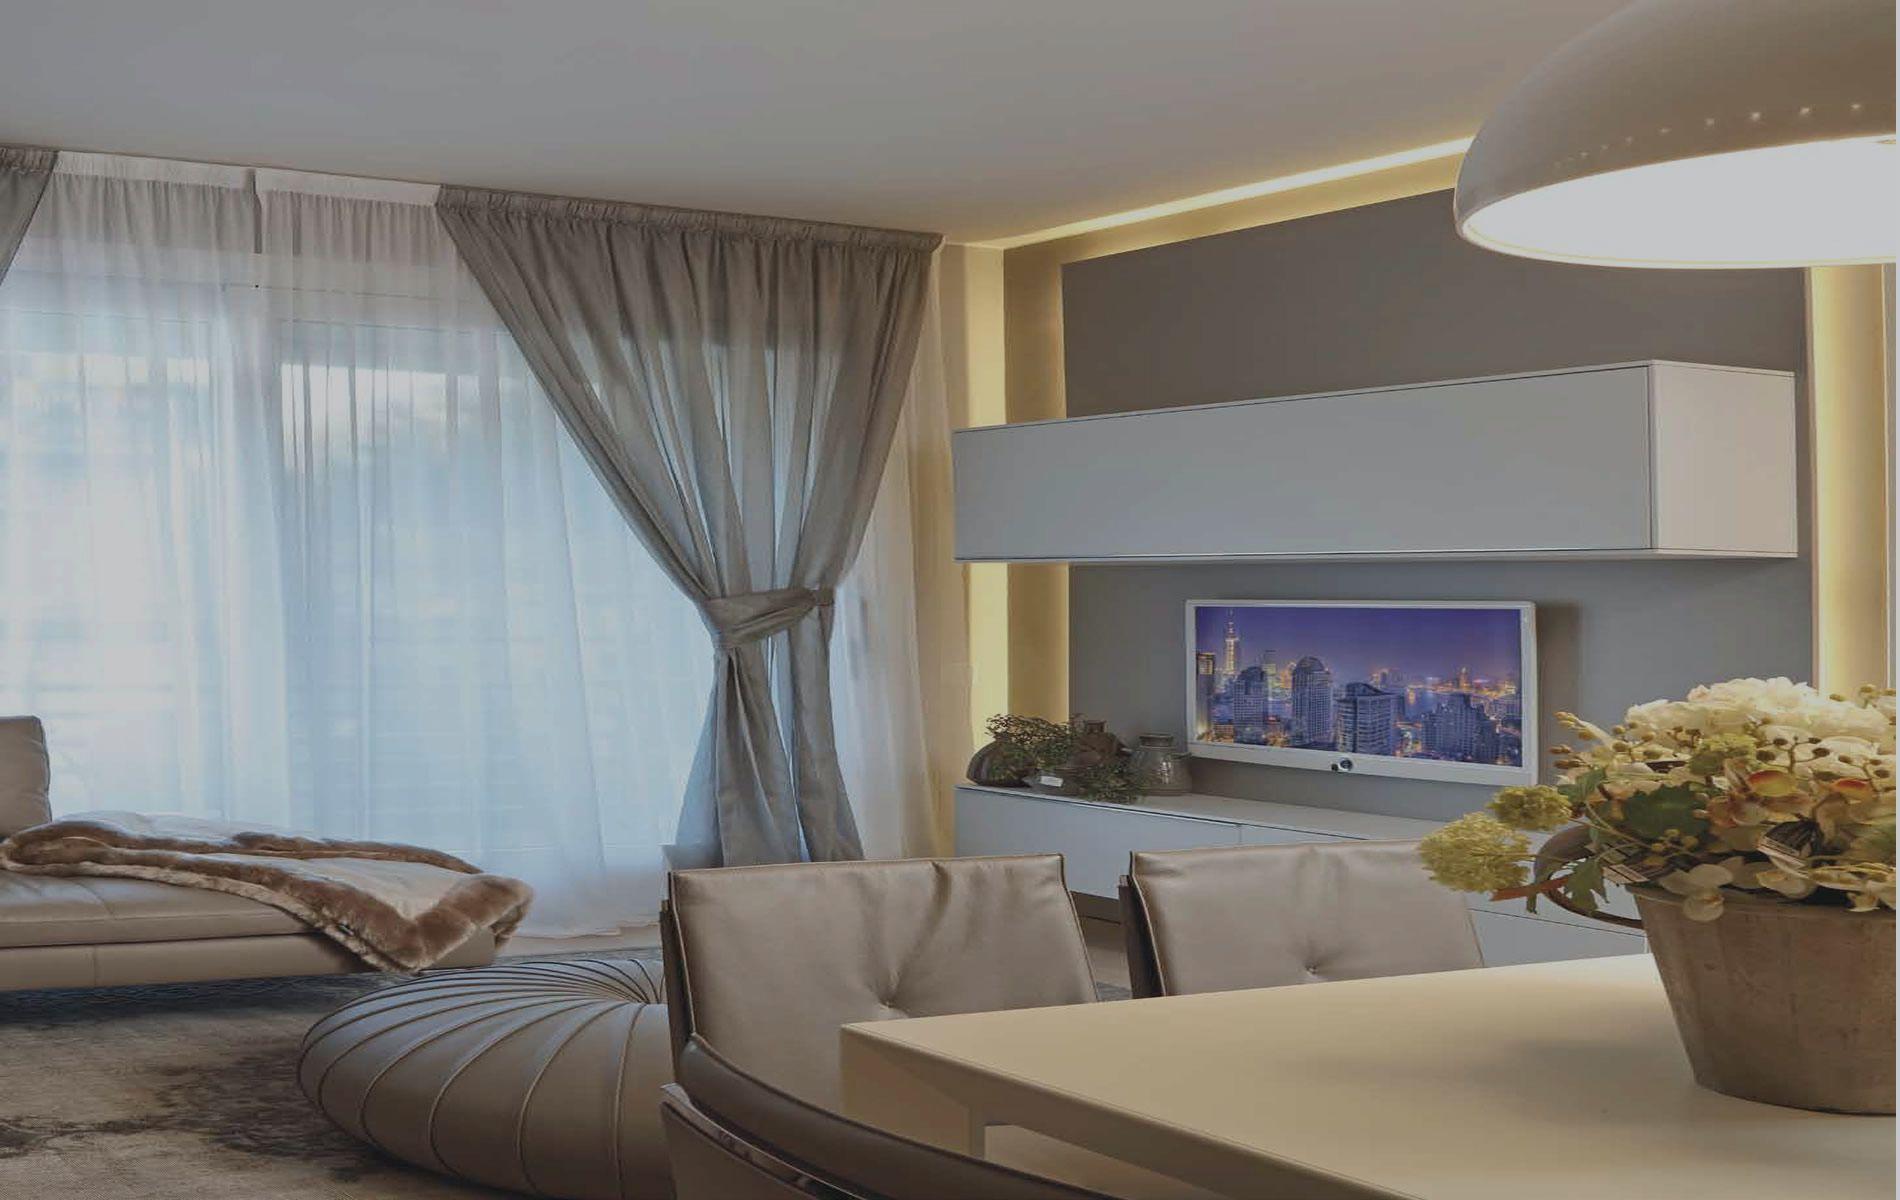 Interior design2 turra arredamenti for Turra arredamenti